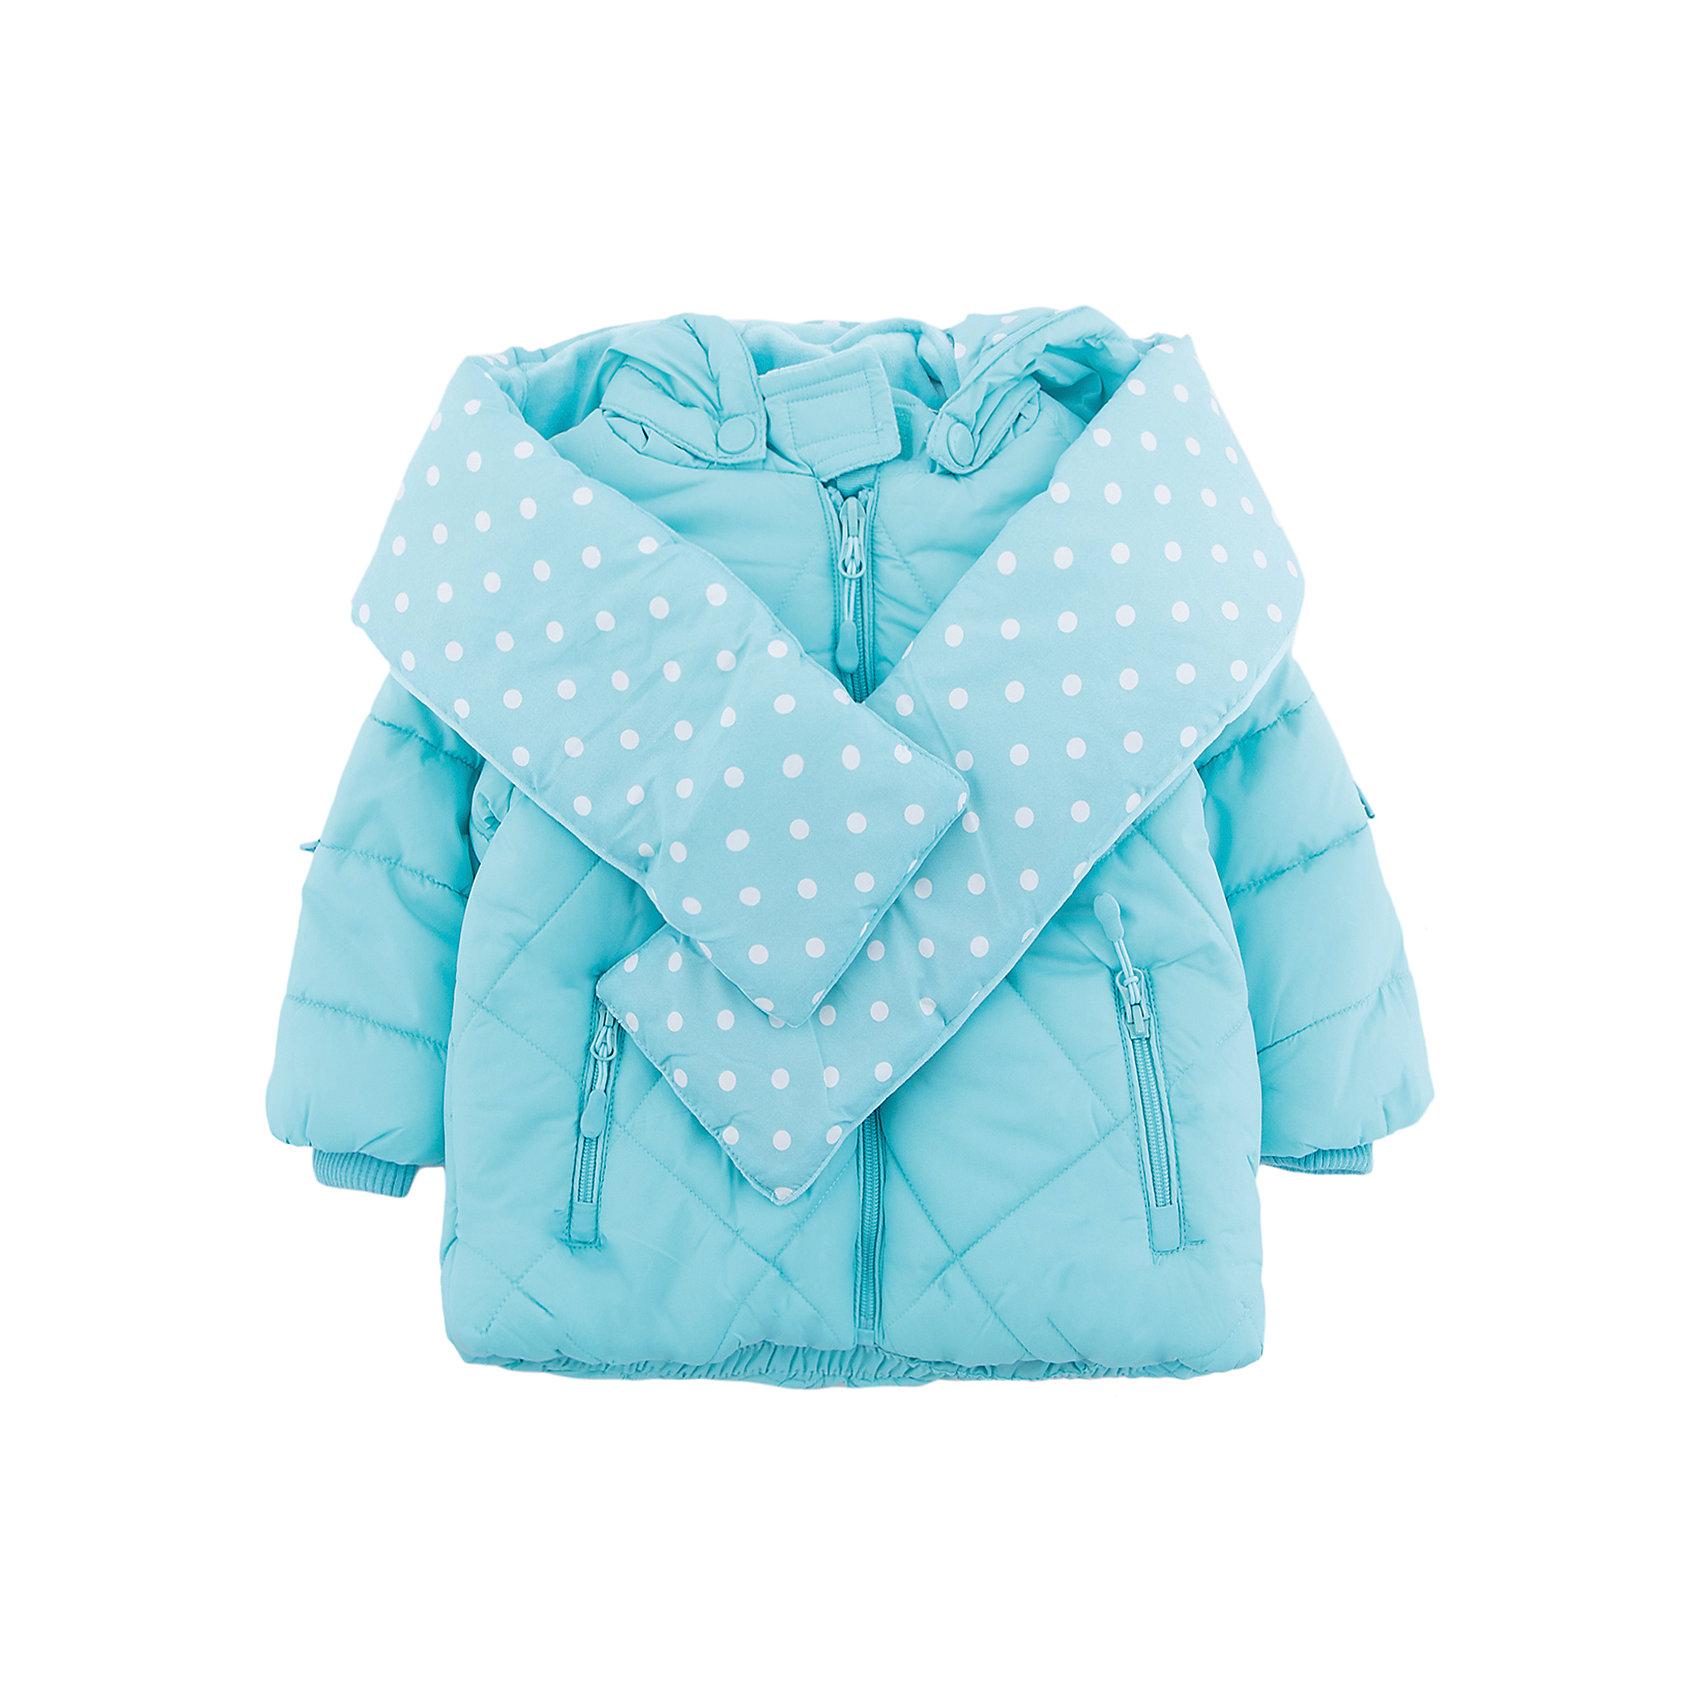 Куртка PlayToday для девочкиВерхняя одежда<br>Куртка PlayToday для девочки<br>Теплая куртка на молнии. Вшивной капюшон сделан в виде колпака, декорированным помпоном из искусственного меха. Внутренняя отделка выполнена из велюра в тон изделия. Светоотражатели обеспечат безопасноть ребенка в темное время суток. Горловина, манжеты и низ изделия на мягких трикотажных резинках. Куртка дополнена оригинальным плотным утепленным шарфом из материала полностью повторяющего материал куртки.<br>Состав:<br>Верх: 100% полиэстер, подкладка: 80% хлопок, 20% полиэстер, Утеплитель 100% полиэстер, 300 г/м2<br><br>Ширина мм: 356<br>Глубина мм: 10<br>Высота мм: 245<br>Вес г: 519<br>Цвет: голубой<br>Возраст от месяцев: 12<br>Возраст до месяцев: 15<br>Пол: Женский<br>Возраст: Детский<br>Размер: 80,86,92,74<br>SKU: 7110267